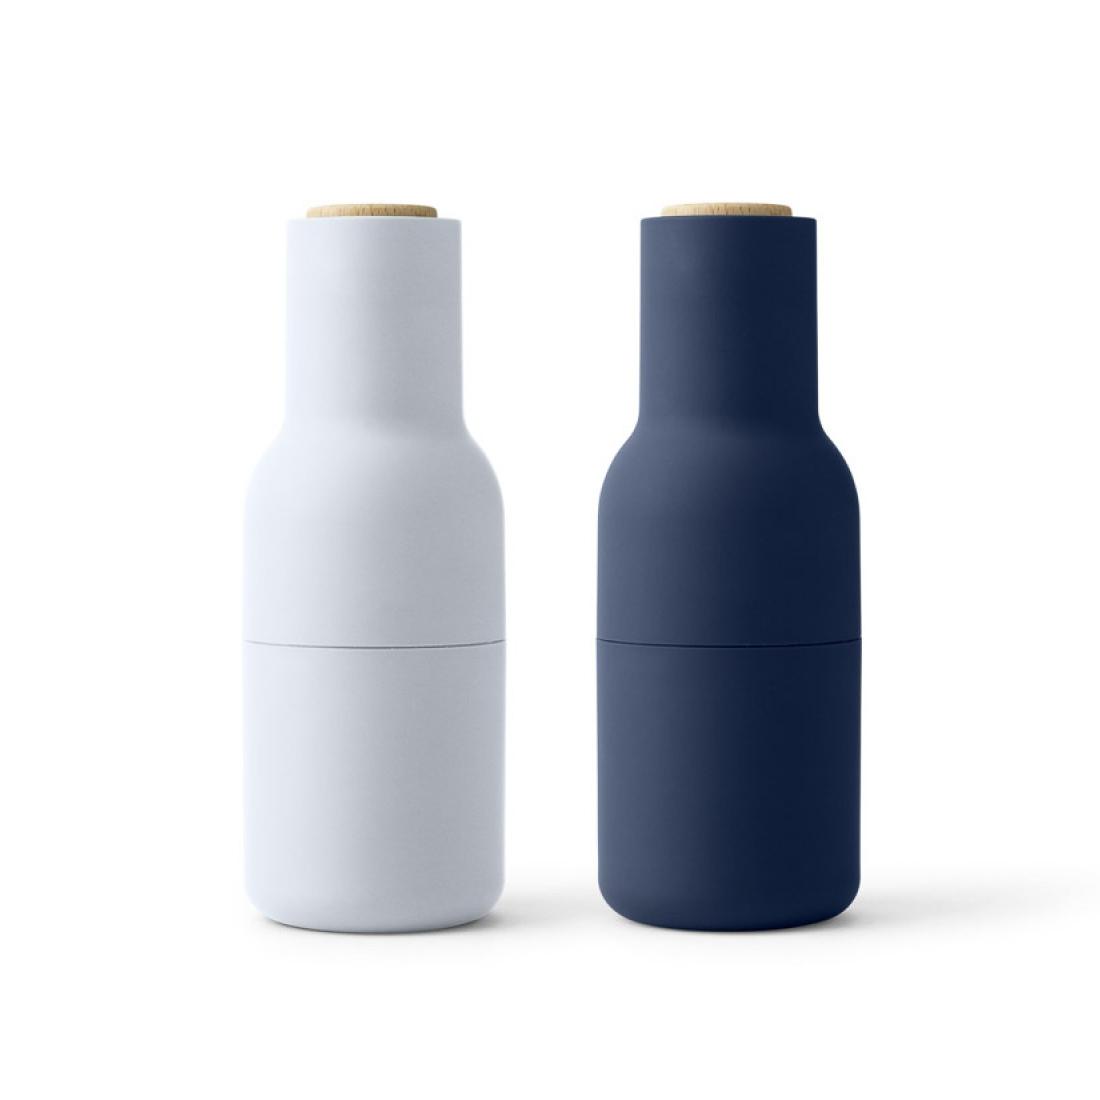 leo bella menu bottle grinder set of 2 classic blues. Black Bedroom Furniture Sets. Home Design Ideas